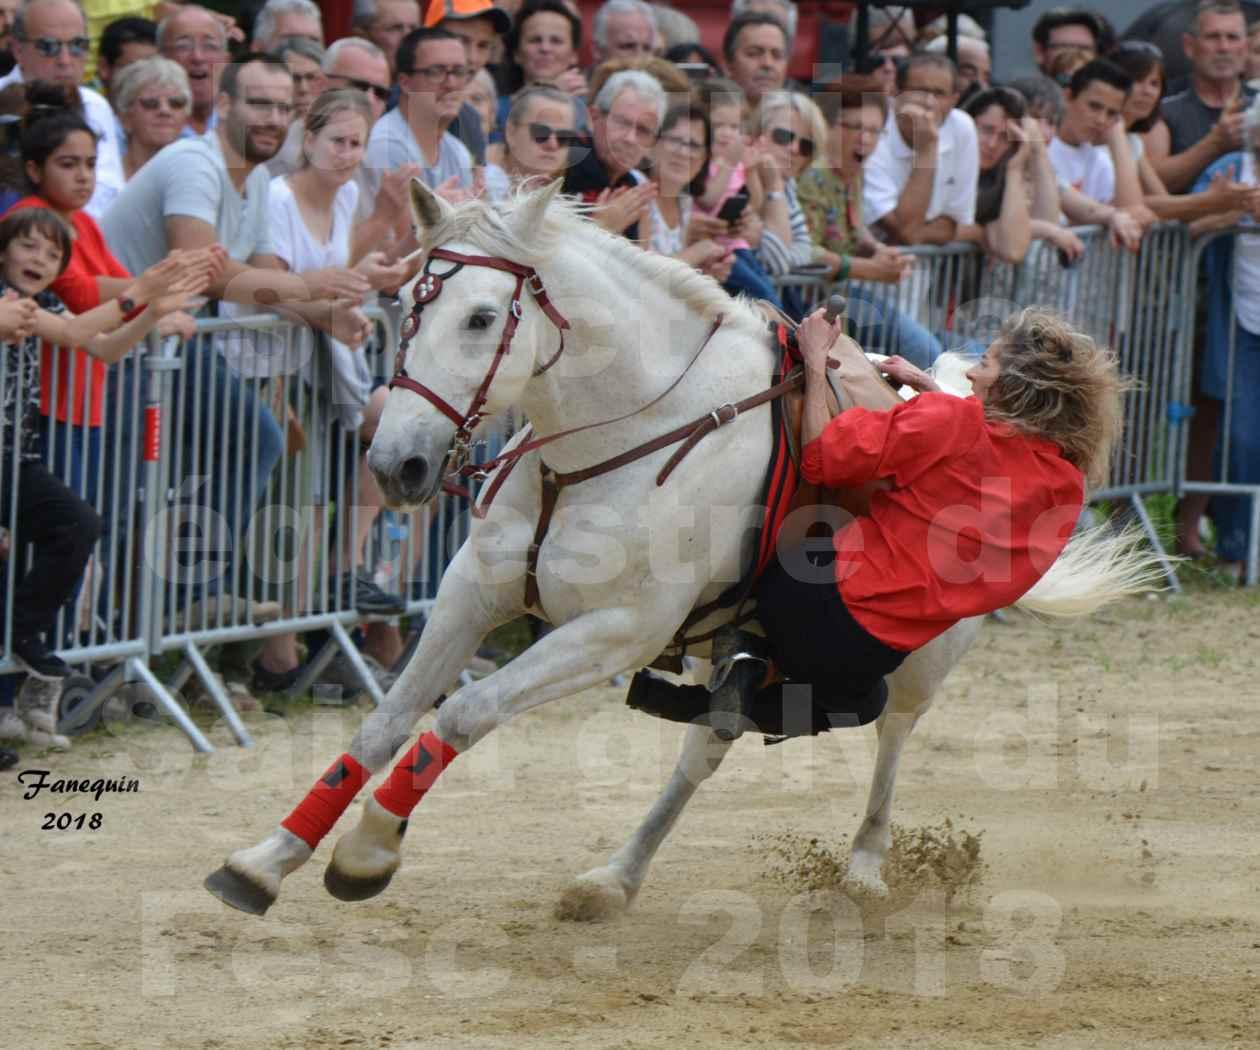 Spectacle Équestre le 3 juin 2018 à Saint Gély du Fesc - Voltige équestre - Troupe de Jean Antoine FIRMIN - 46